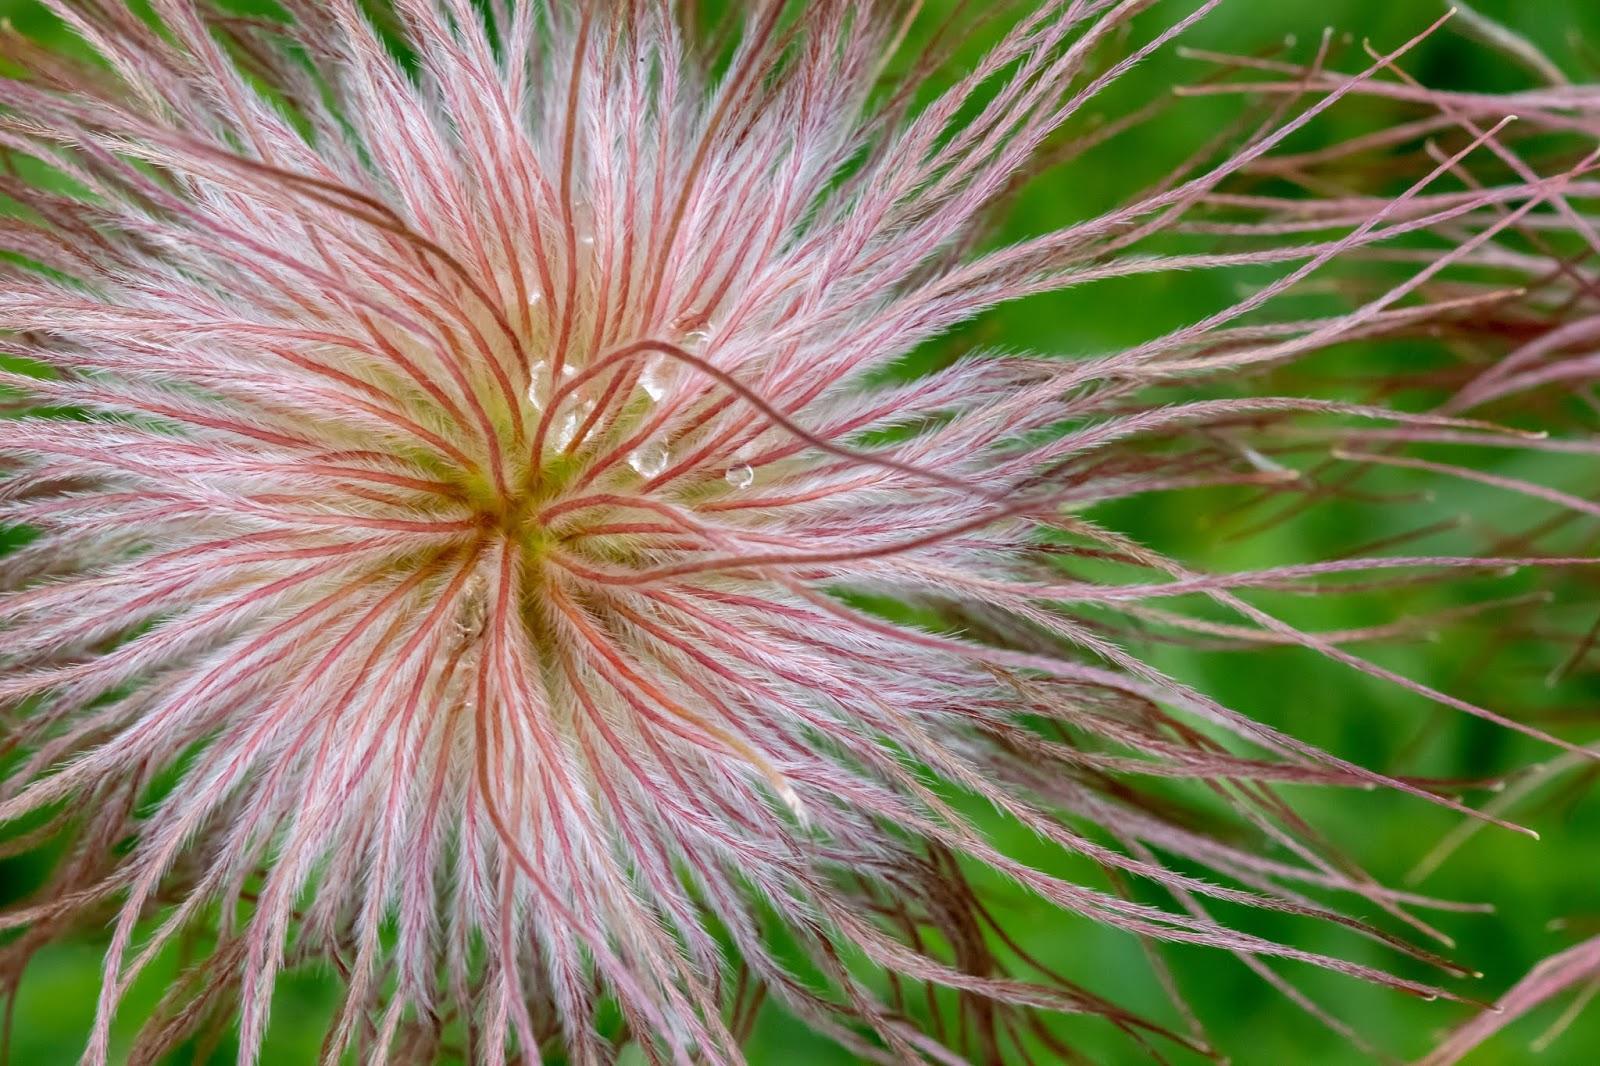 [Ranunculaceae] Pulsatilla alpina – Alpine Pasqueflower (Plusatilla alpina)